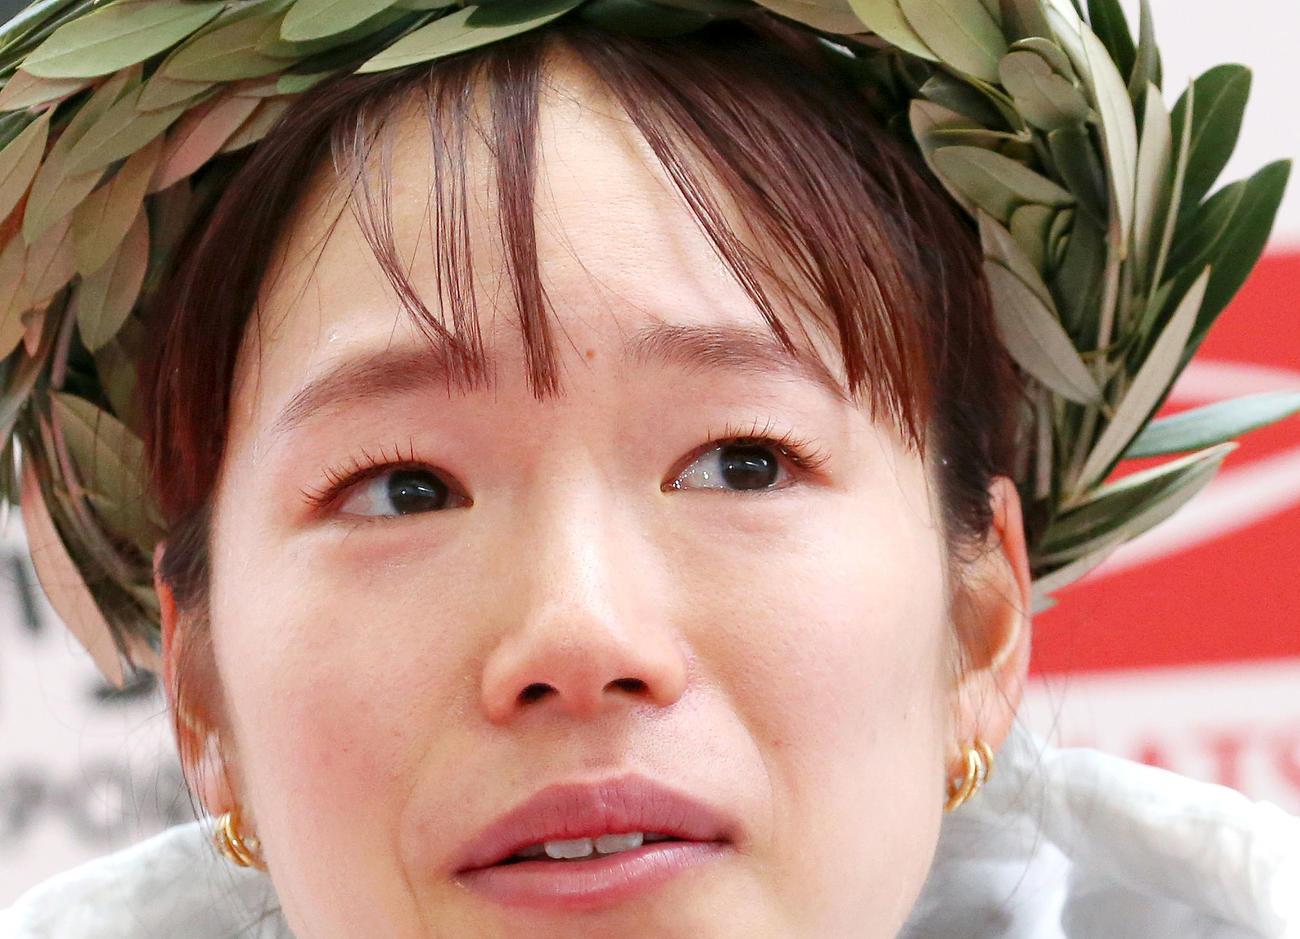 大会新記録で優勝した一山麻緒は目に涙を浮かべる(撮影・上山淳一)